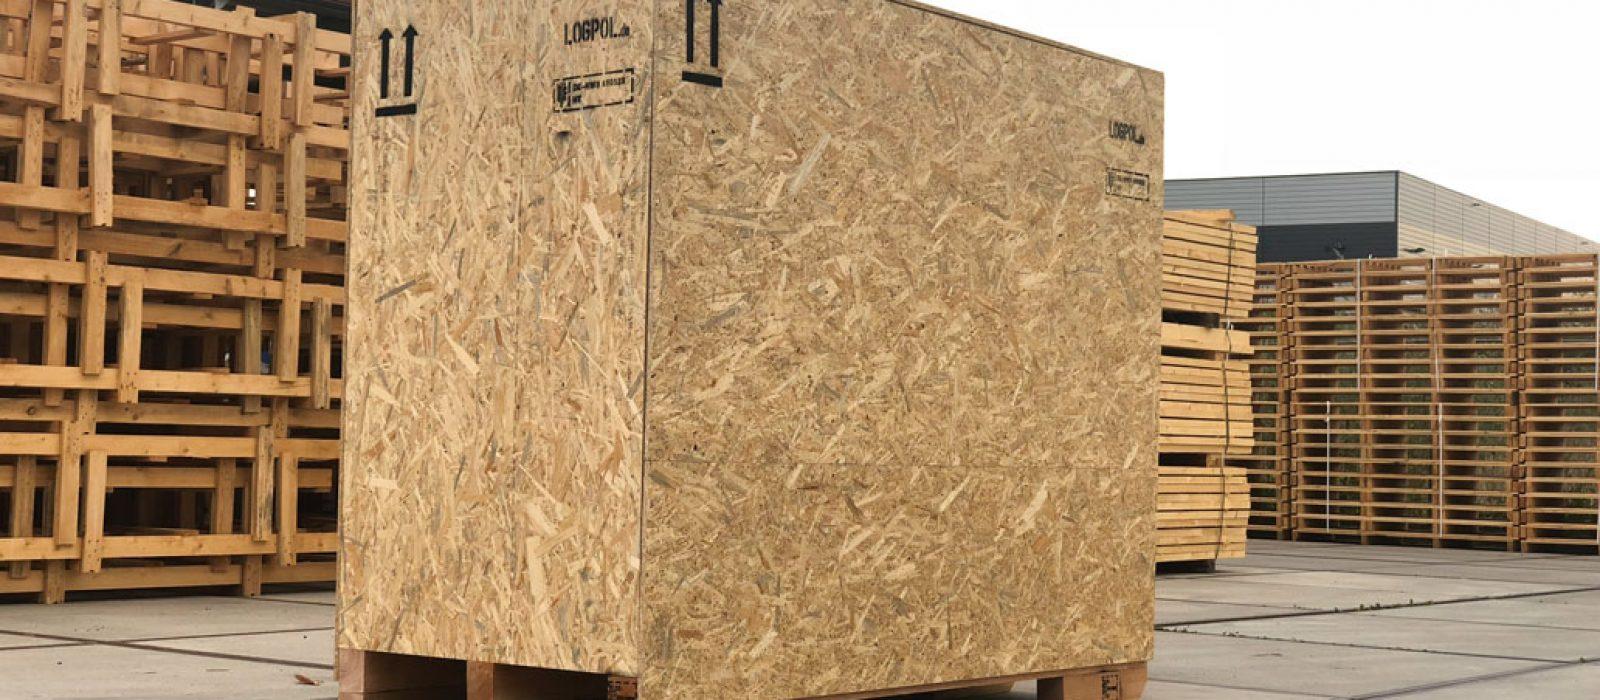 Export-Kiste-2300×1100-mm-LOGPOL